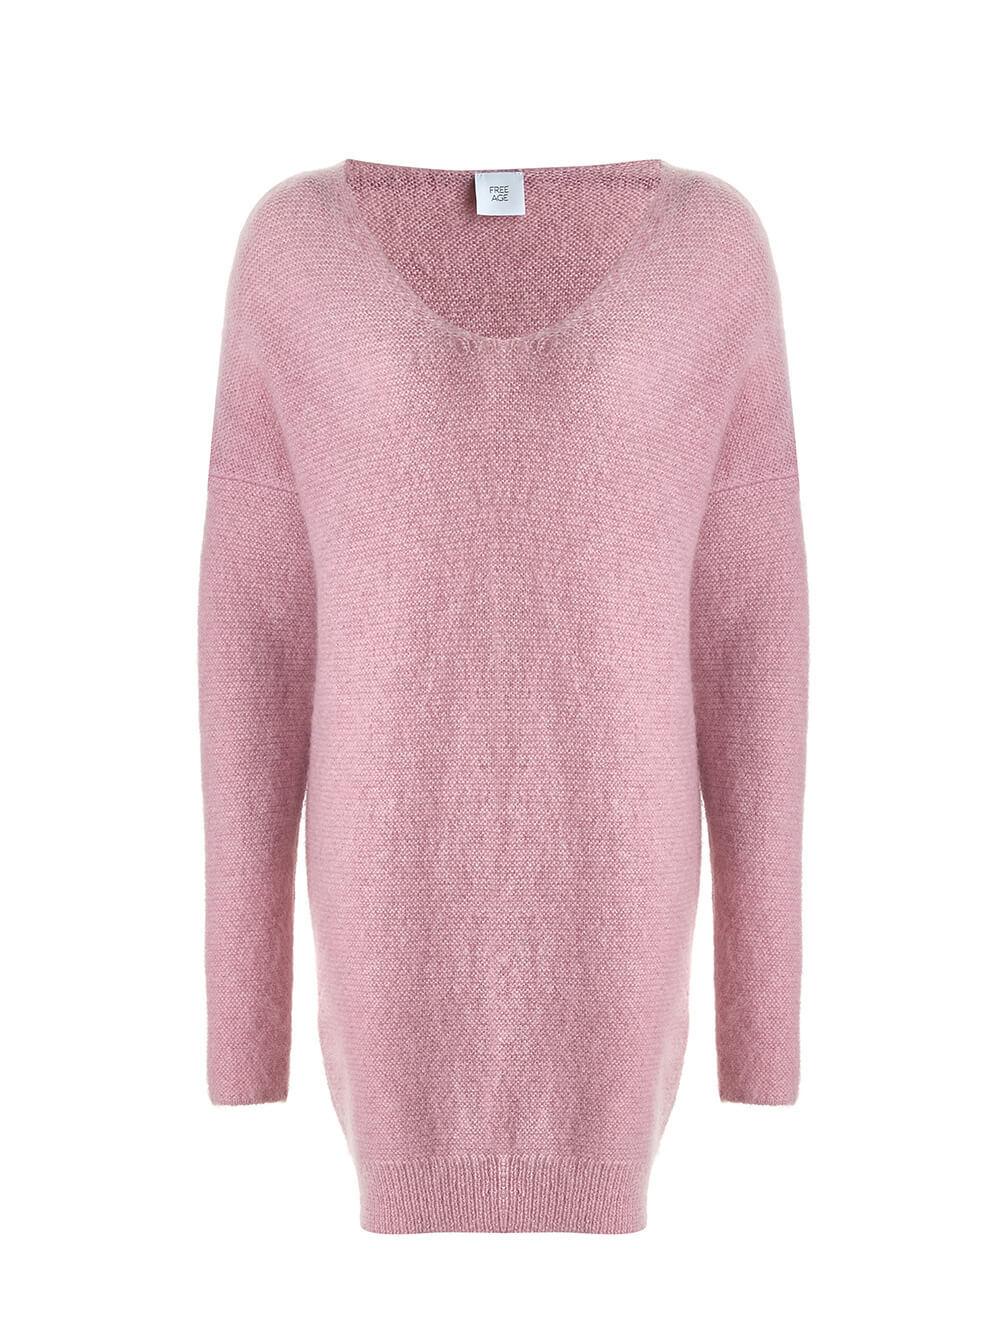 Женский удлиненный джемпер светло-розового цвета с V-образным вырезом - фото 1